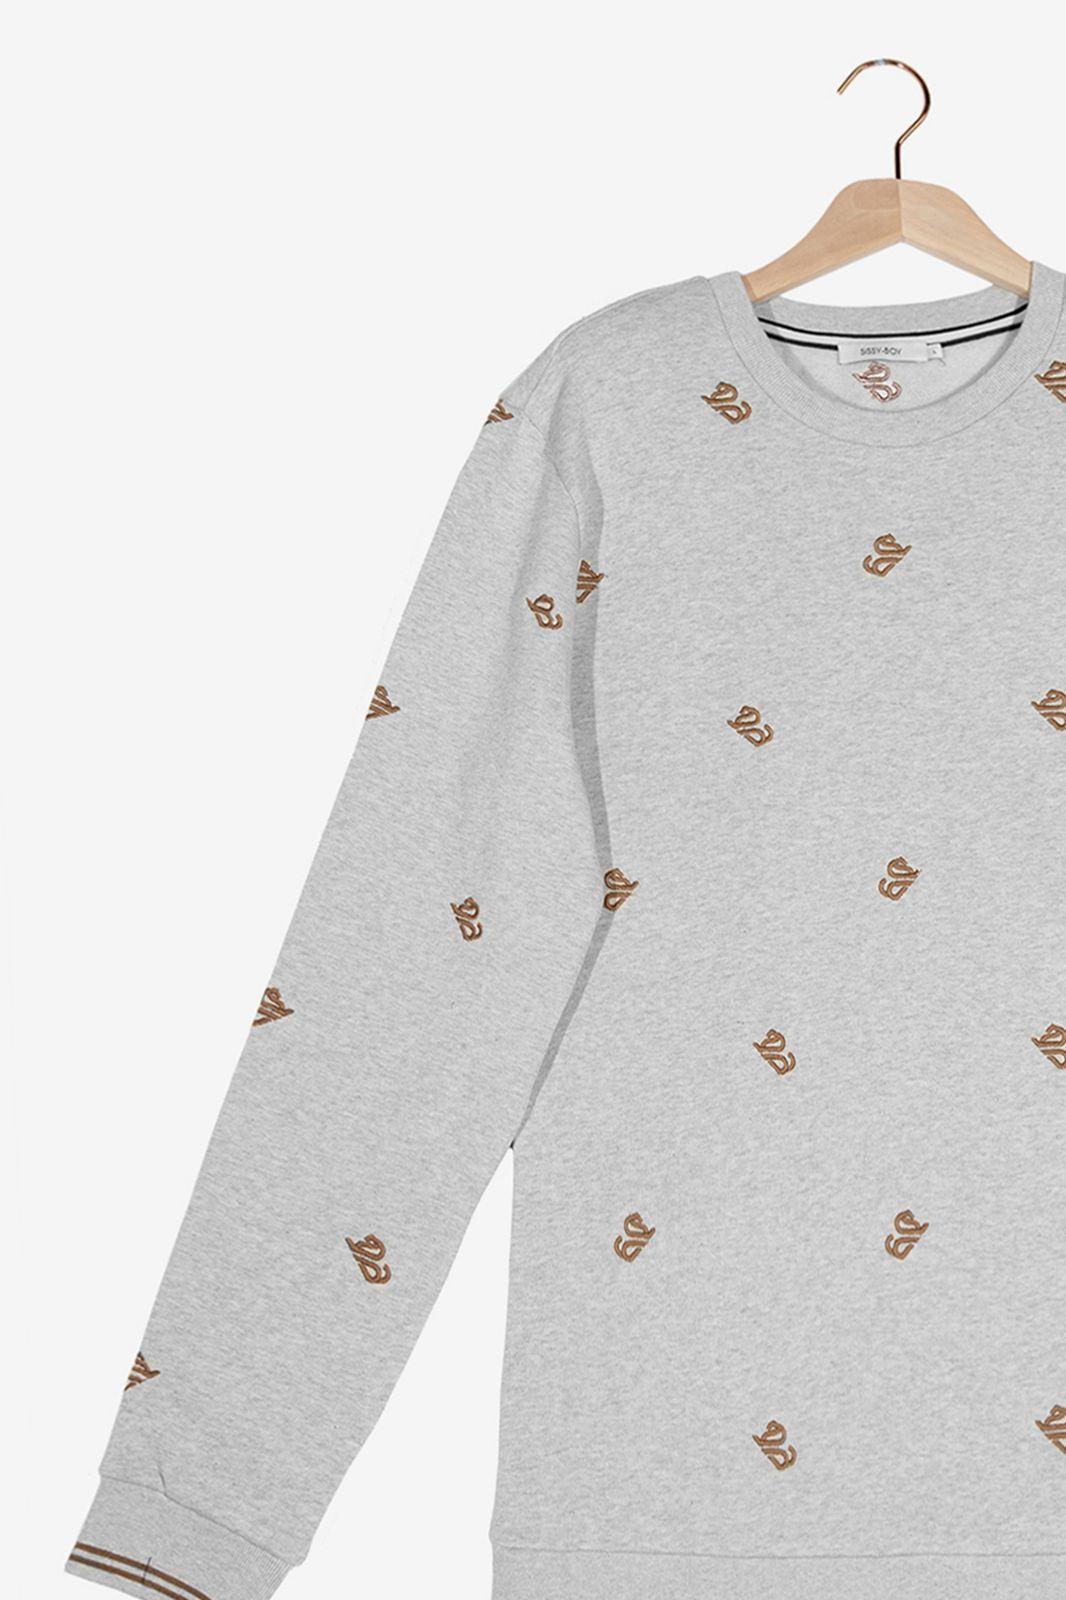 Grijze sweater met geborduurde leeuwen